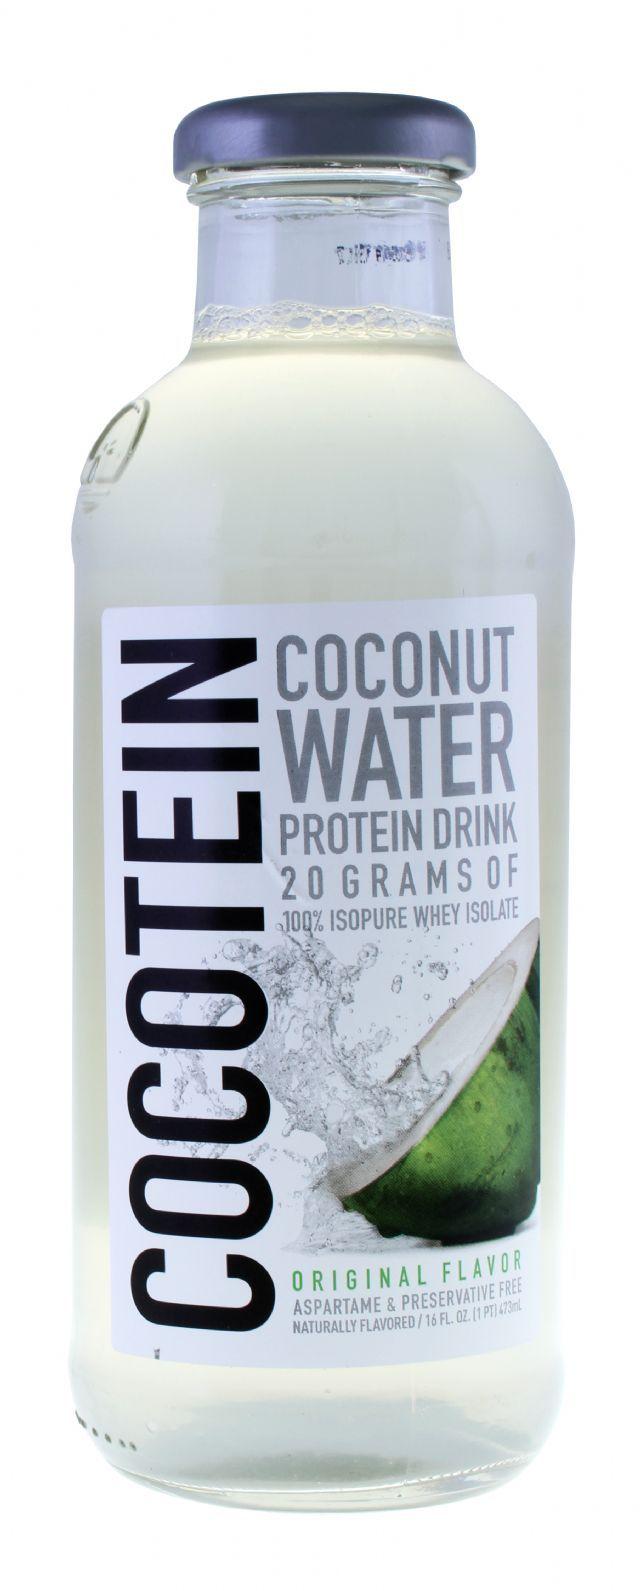 Cocotein: Cocotein